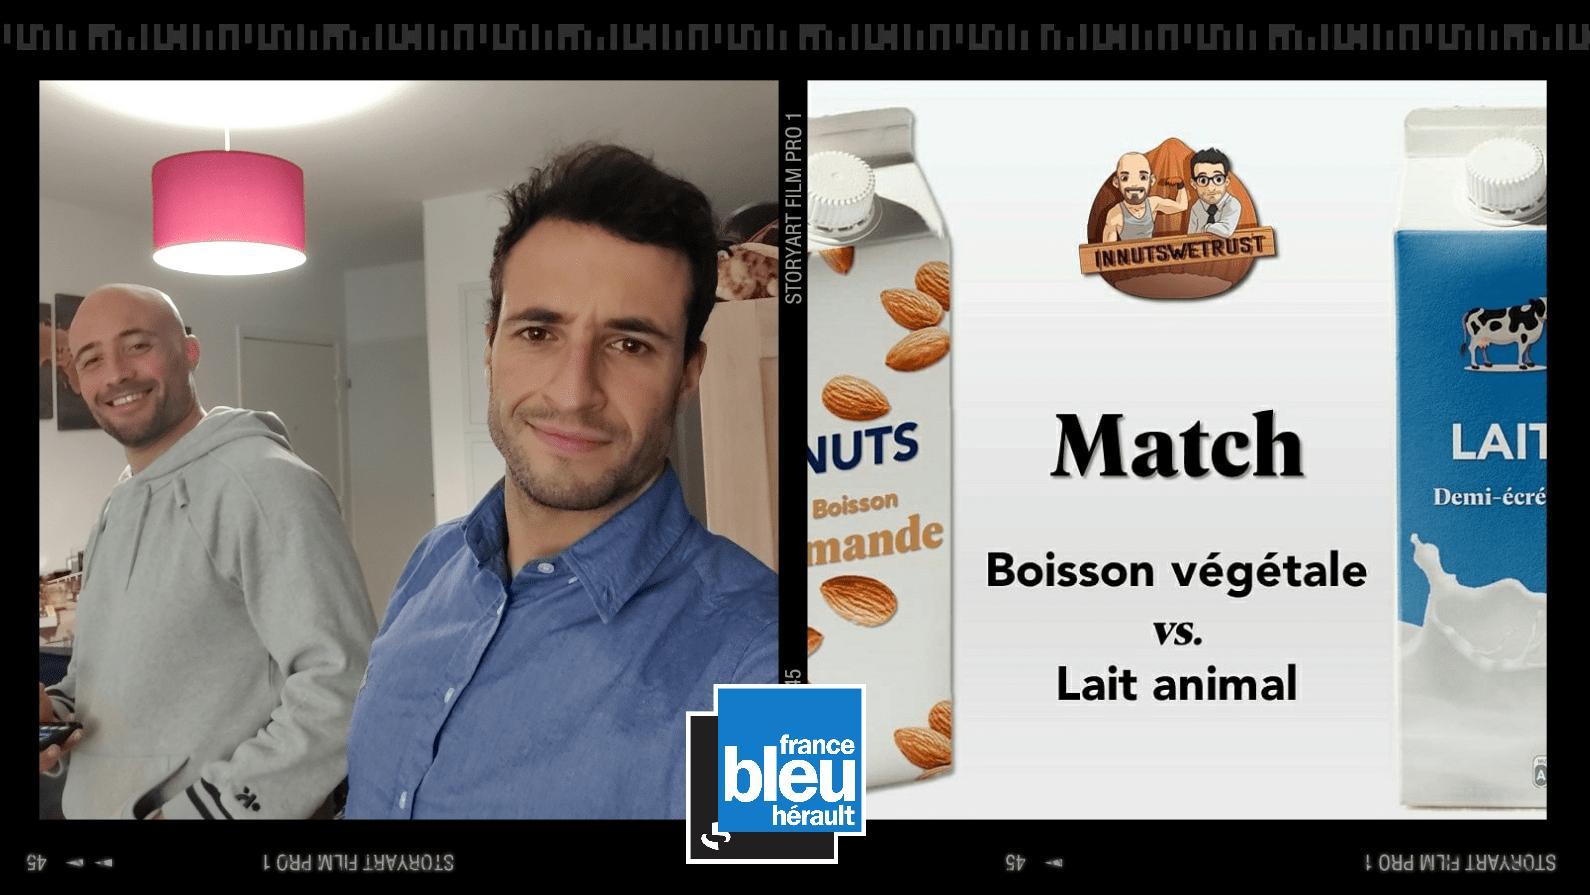 Innutswetrust france bleu hérault radio lait animal boisson végétale